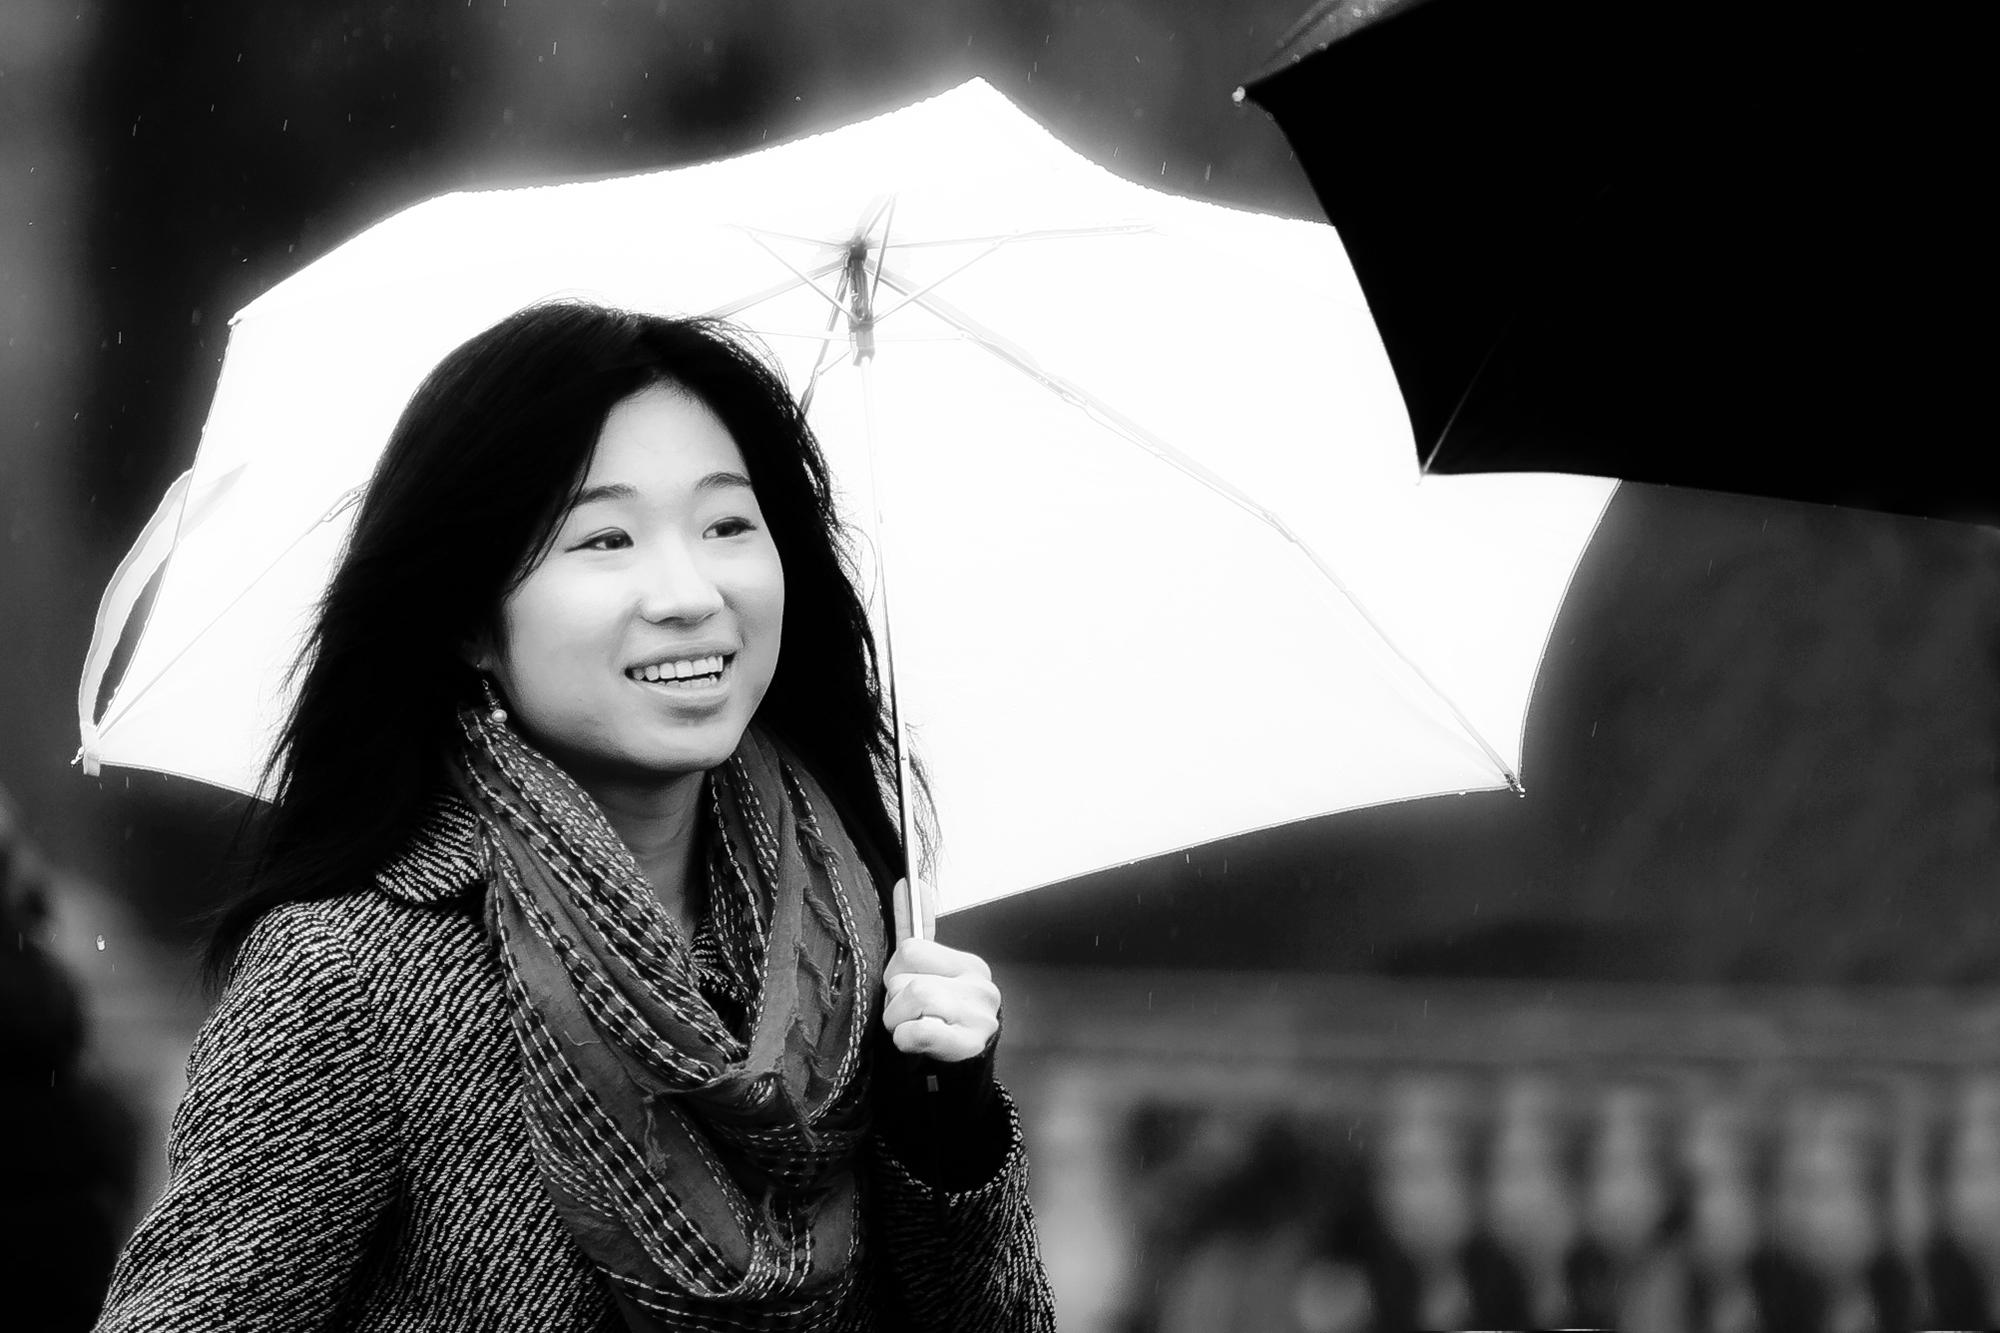 La Demoiselle au Parapluie